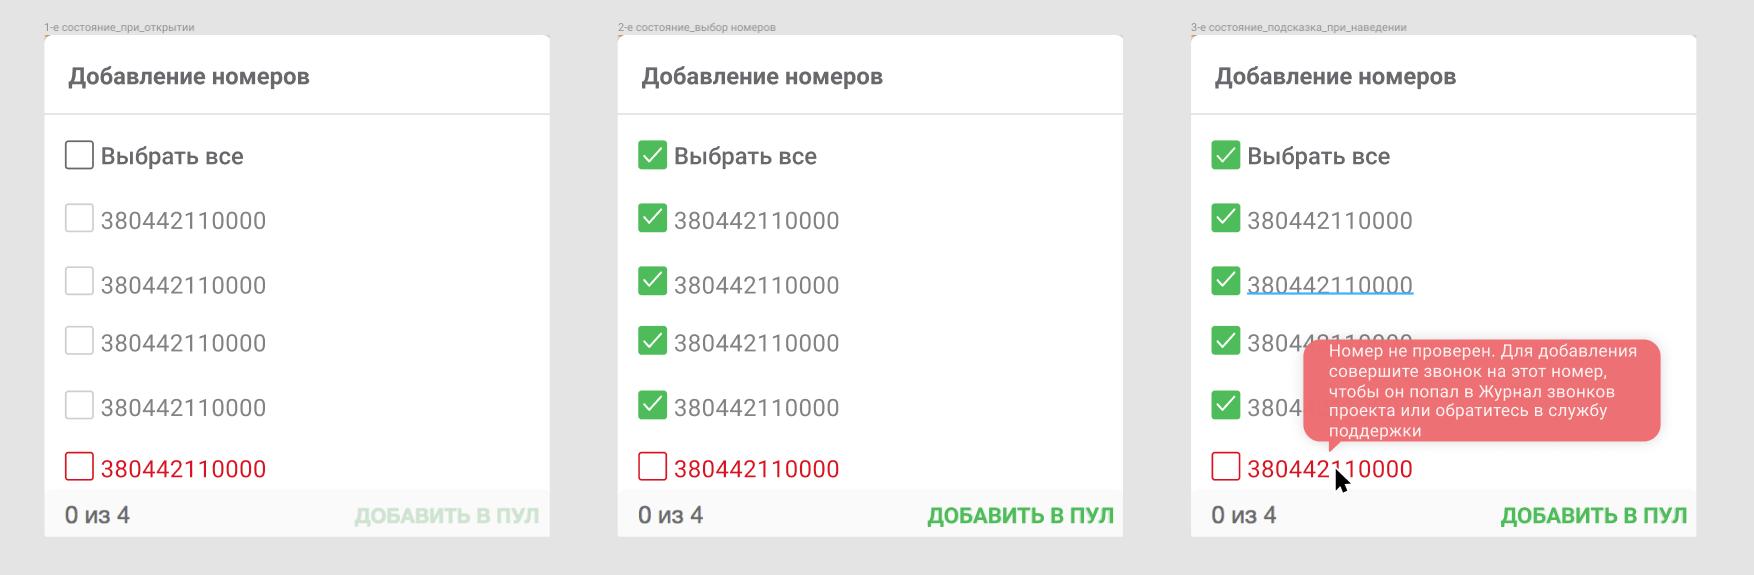 Форма управления номерами в пуле Ringostat